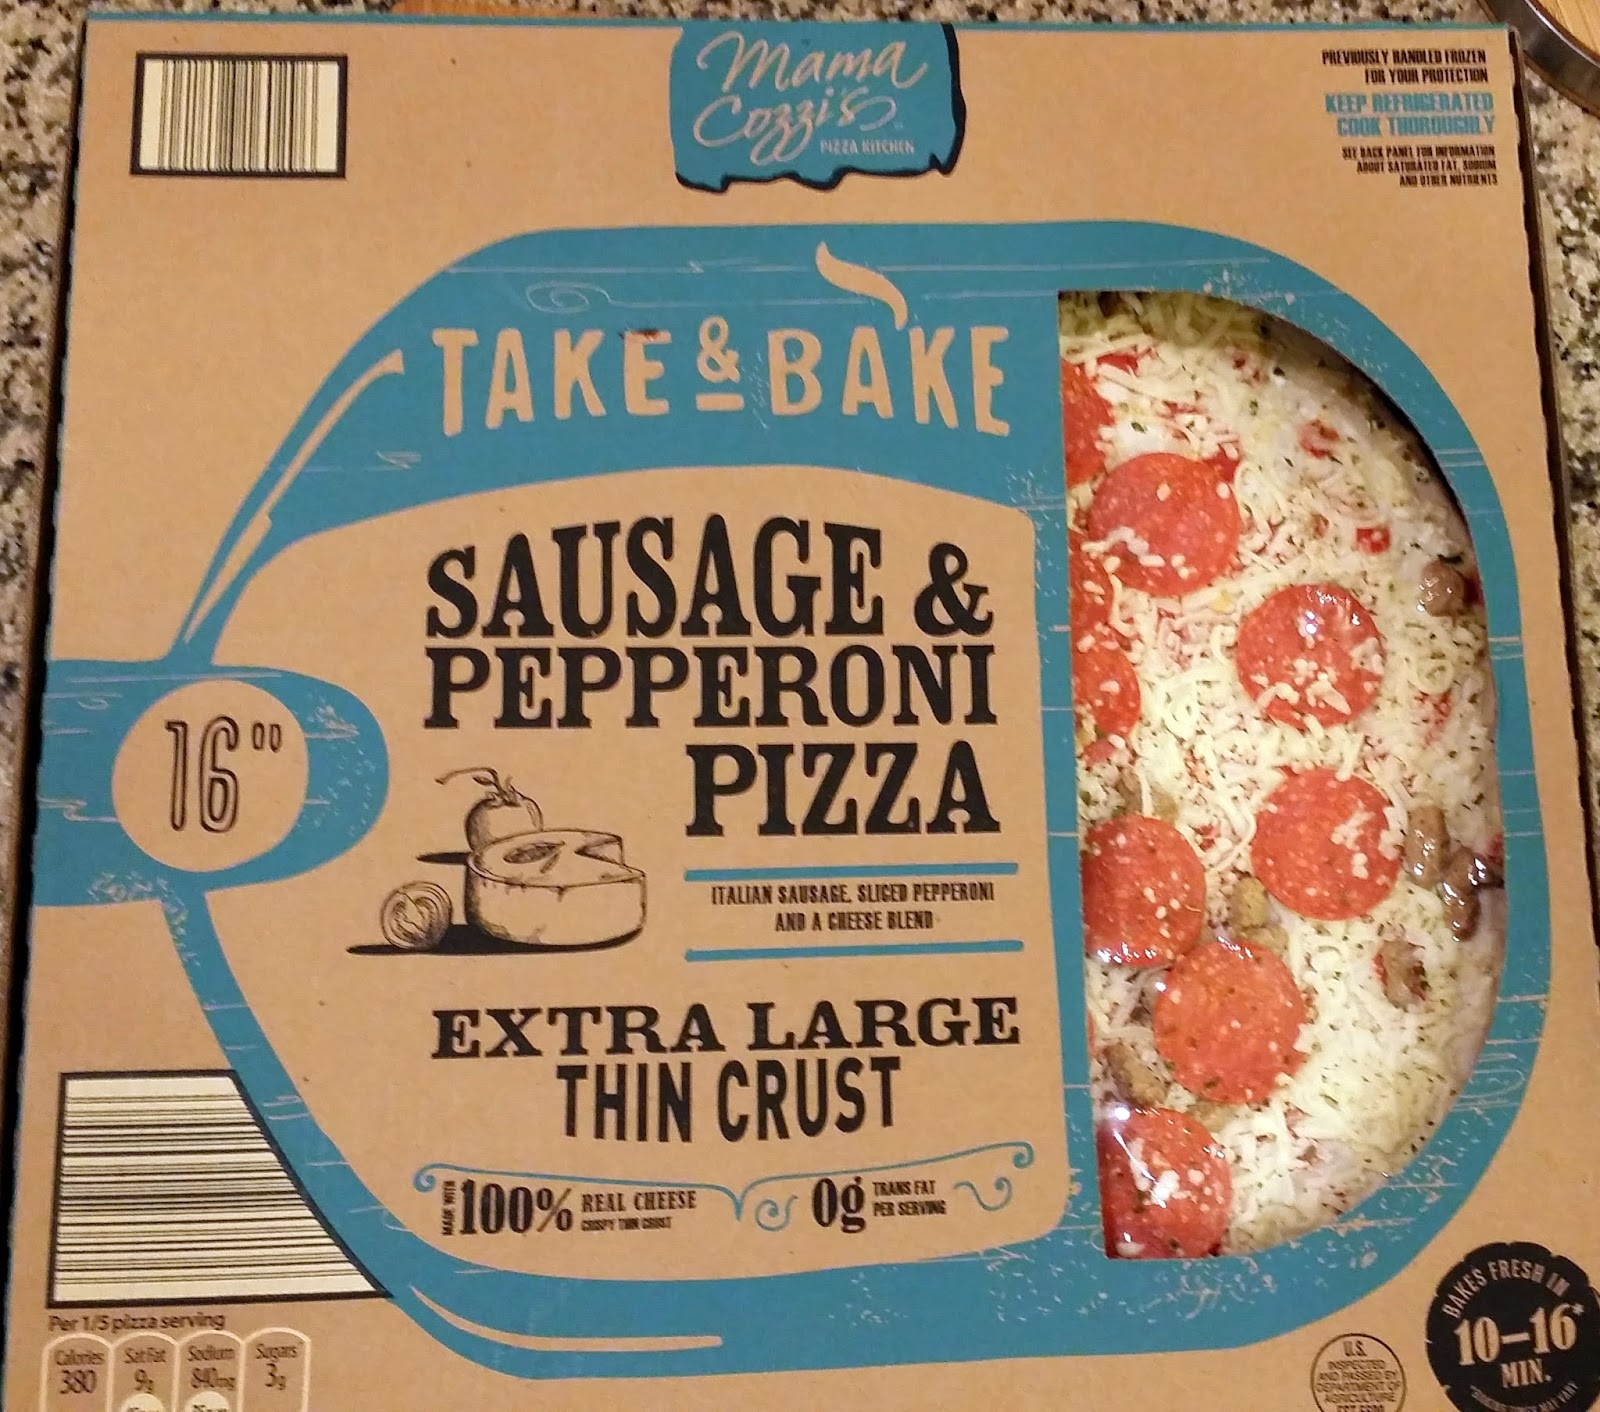 Pizza Quixote Review Mama Cozzi S Take Bake Thin Crust